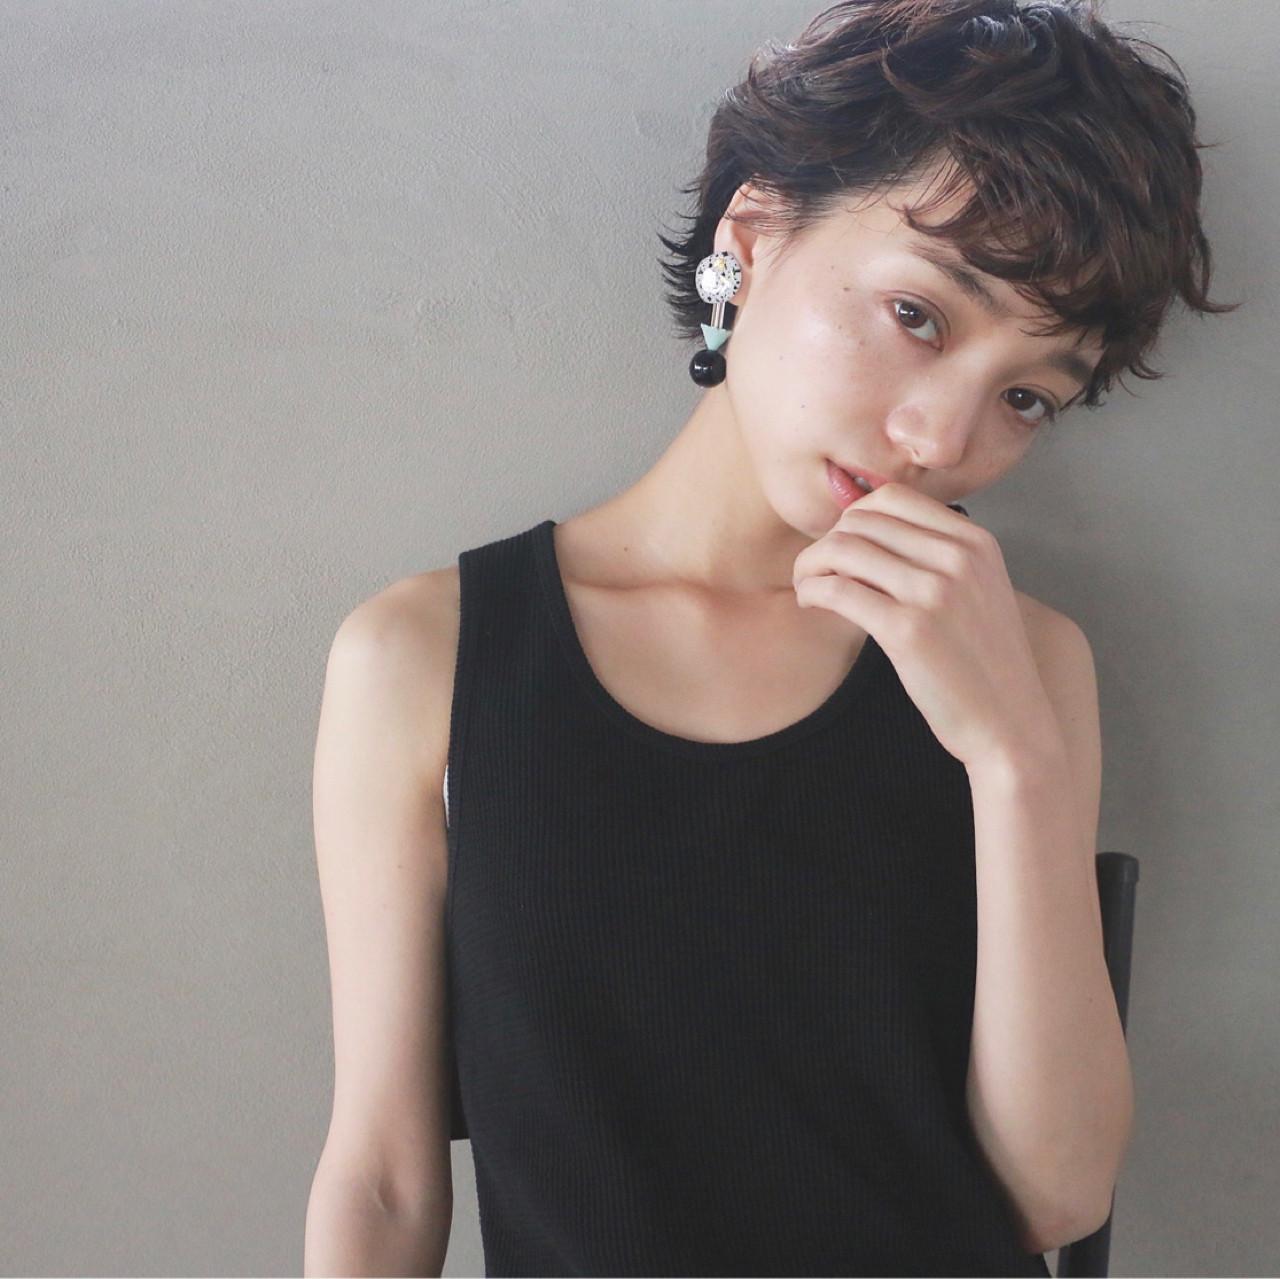 ベリーショート パーマ ナチュラル 黒髪 ヘアスタイルや髪型の写真・画像